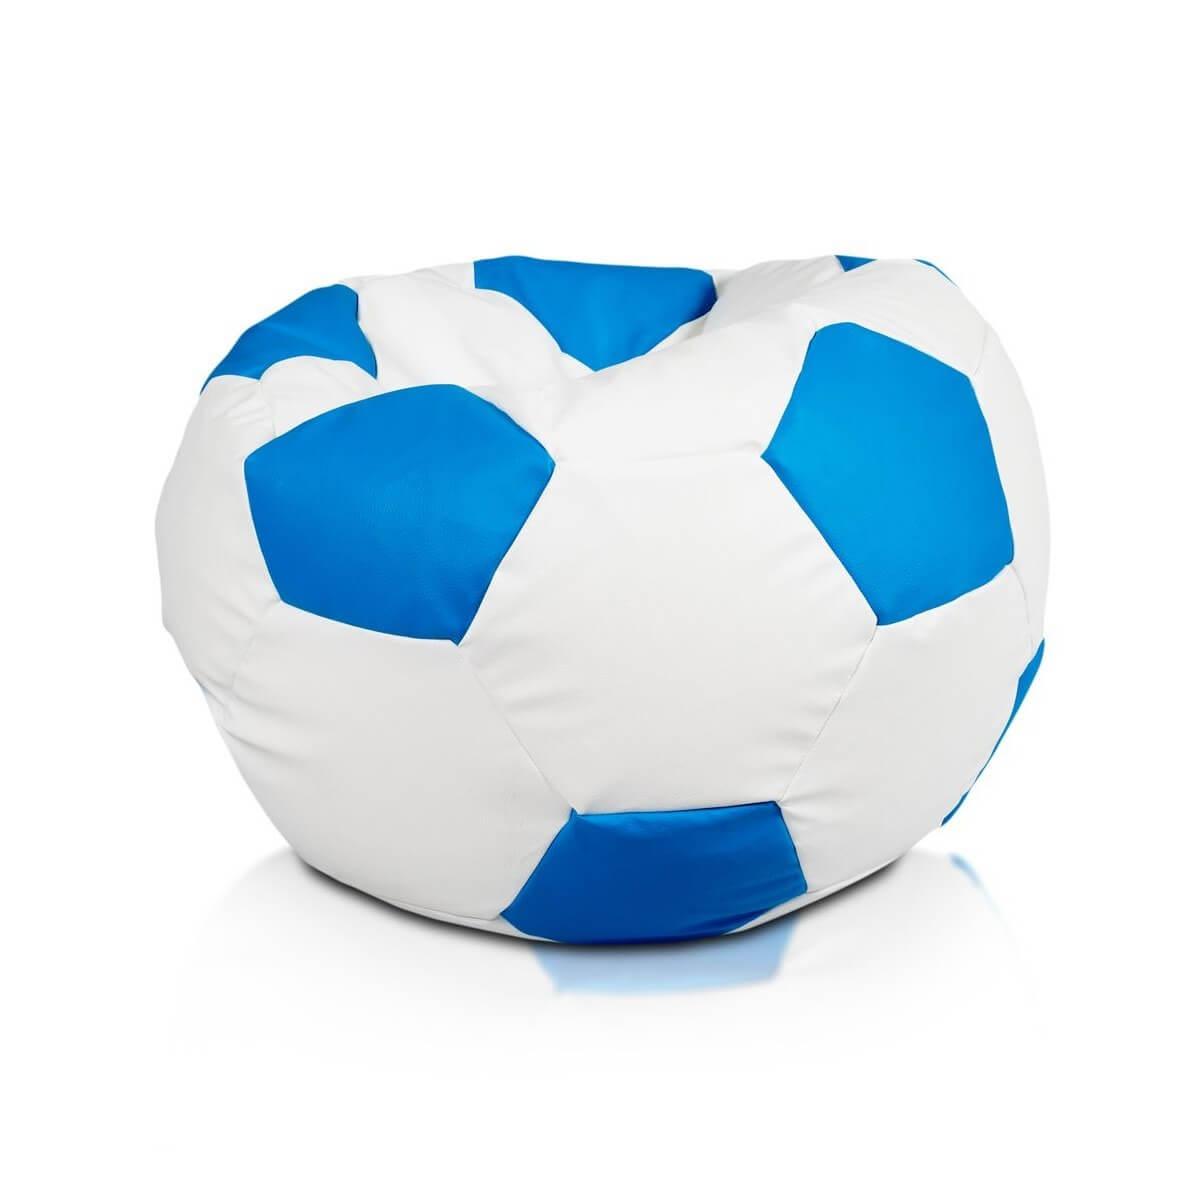 Fotbalový míč XXXL nebeska